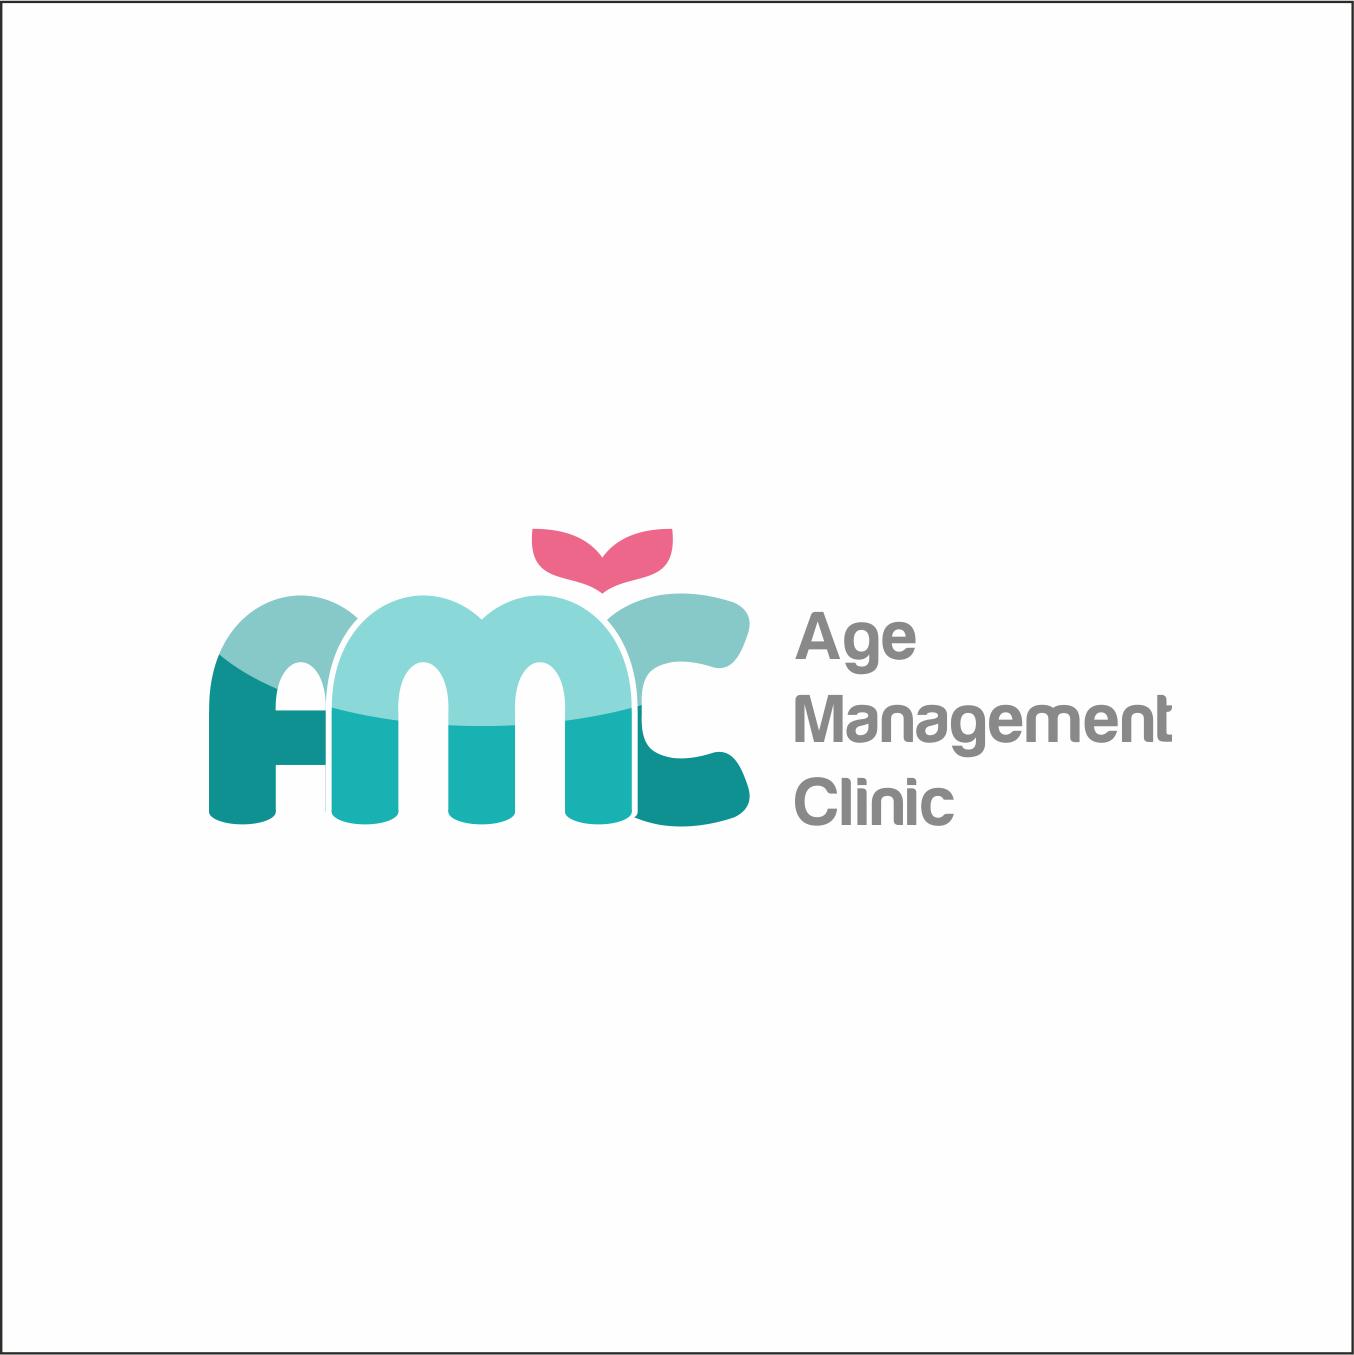 Логотип для медицинского центра (клиники)  фото f_0185b97b6c5c733c.jpg